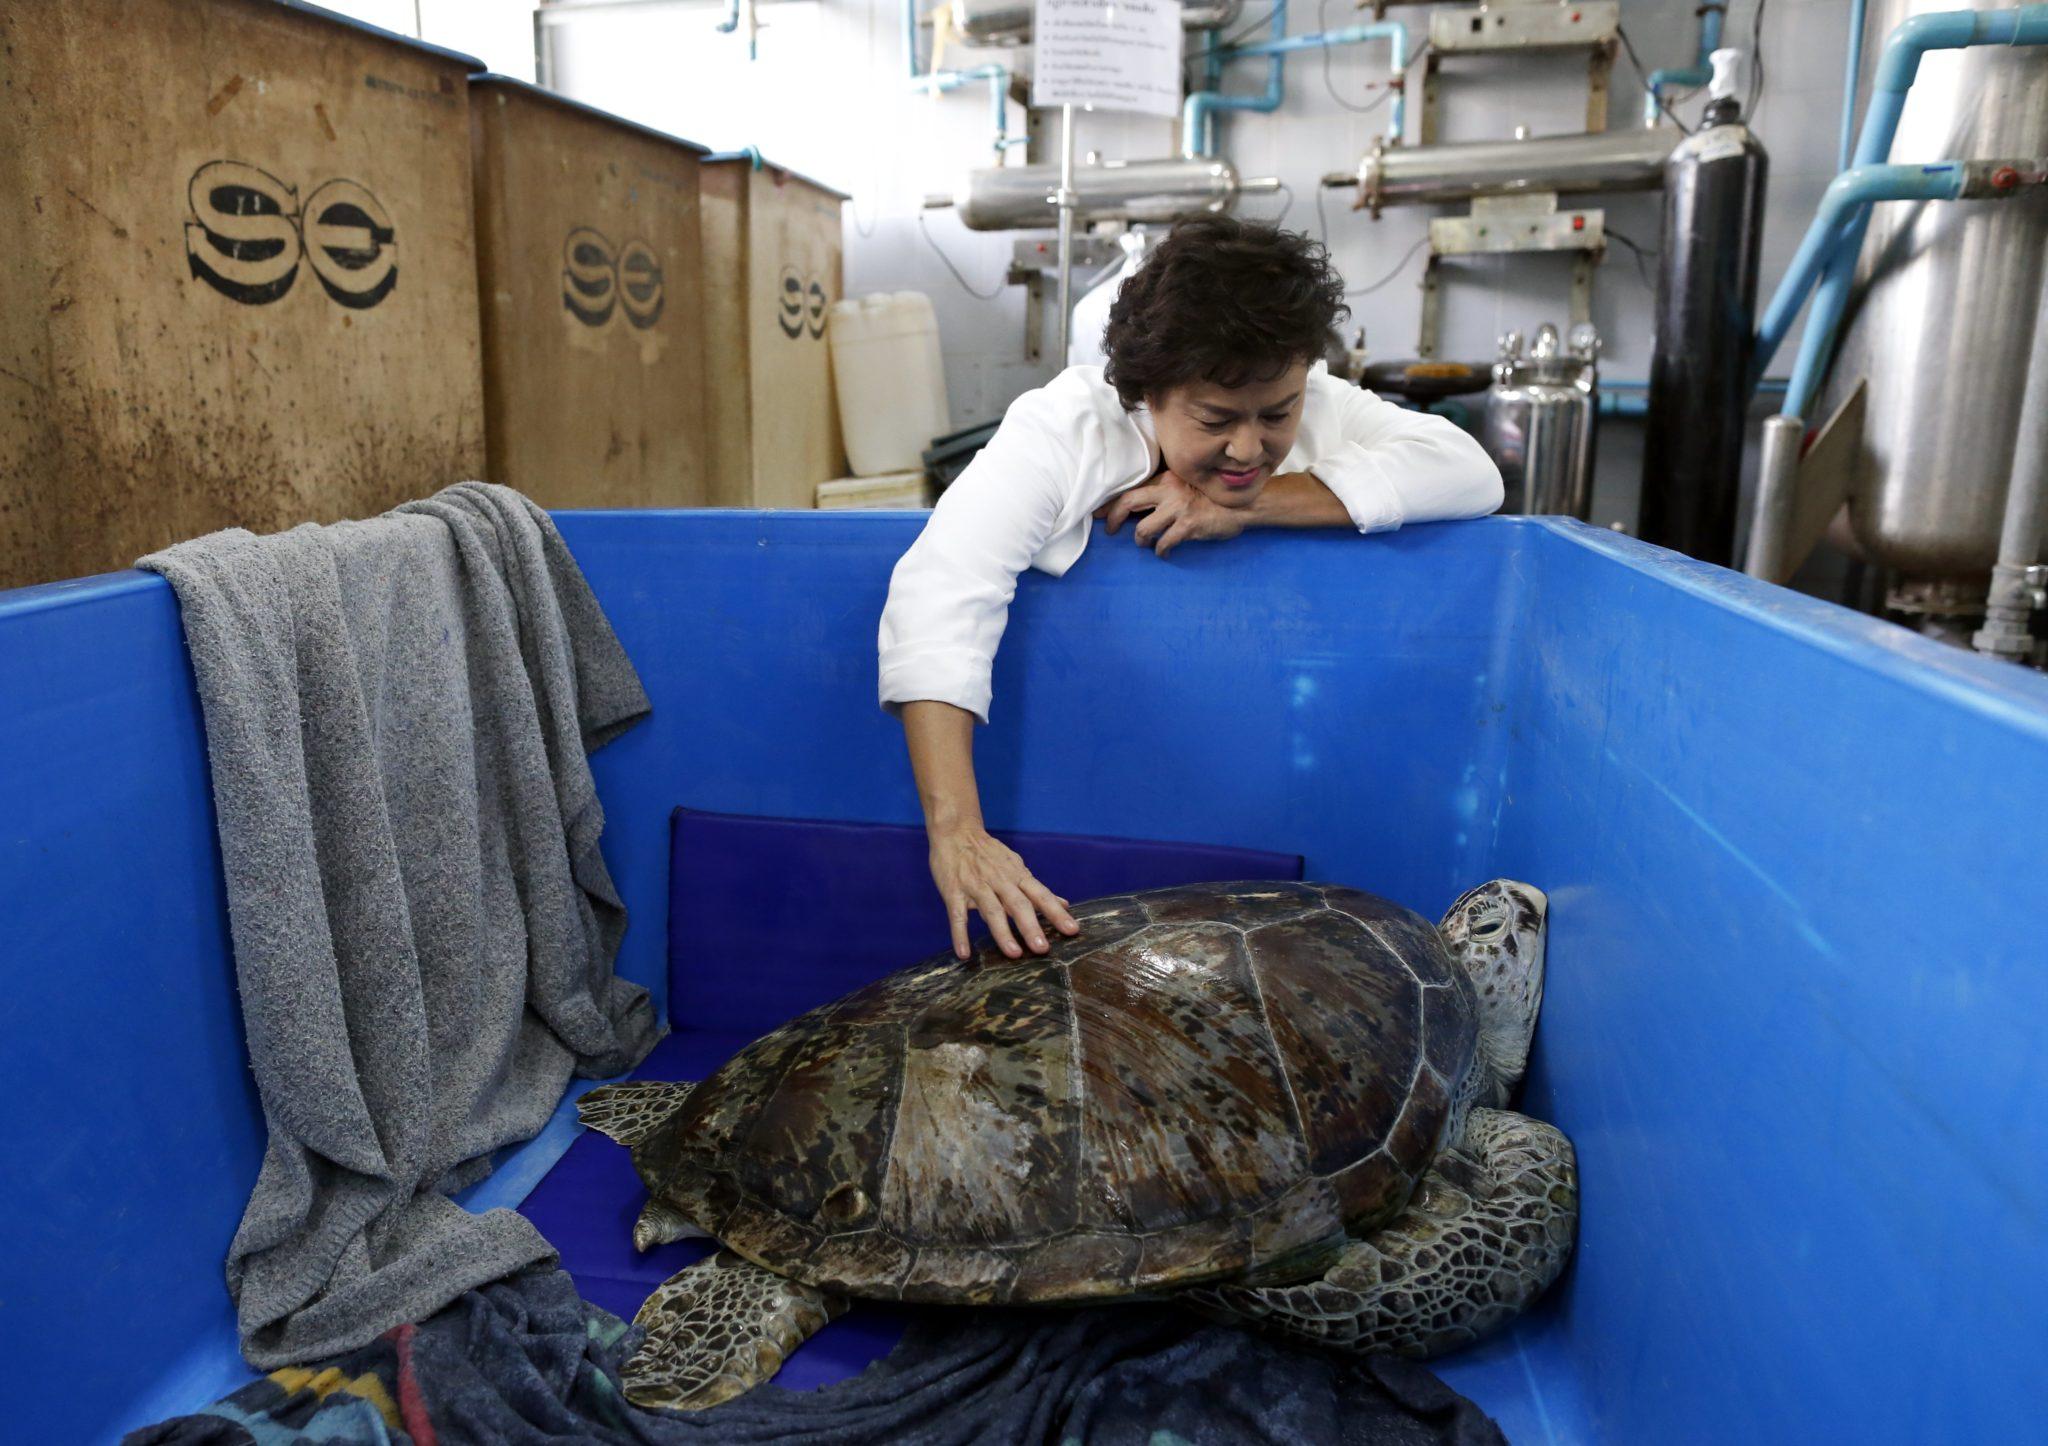 Tajlandia: żółw morski, którego masa przekracza 900 kg. (foto. PAP/EPA/CHRISTOPHER JUE )